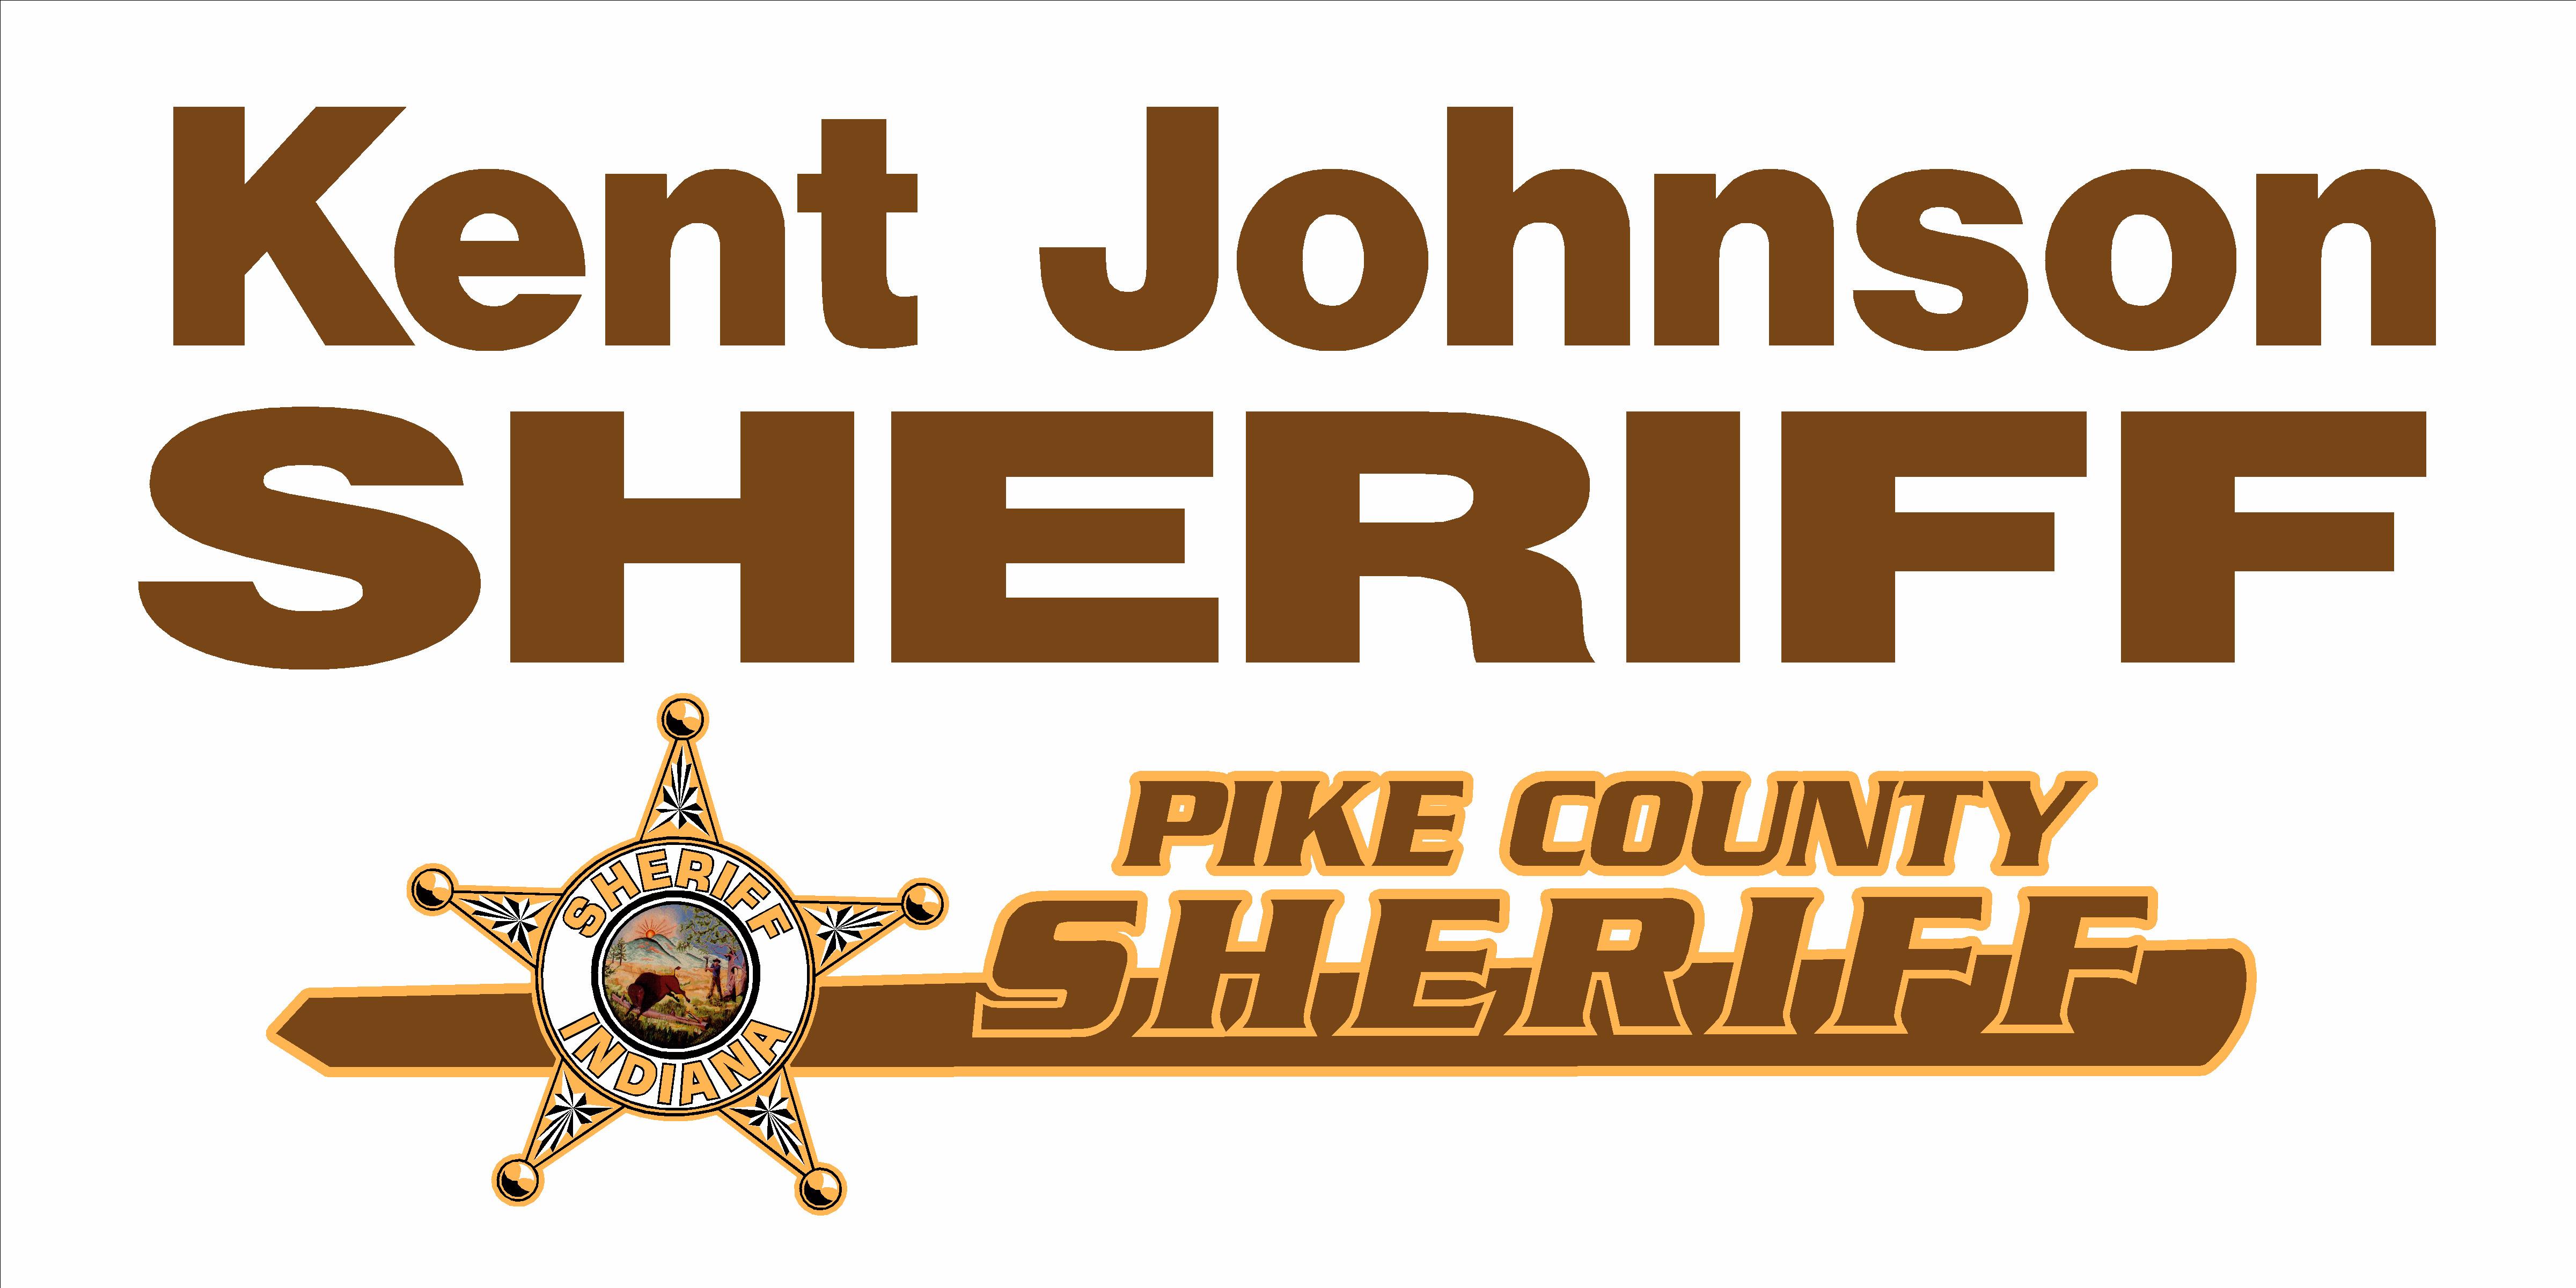 Kent Johnson Pike Sheriff